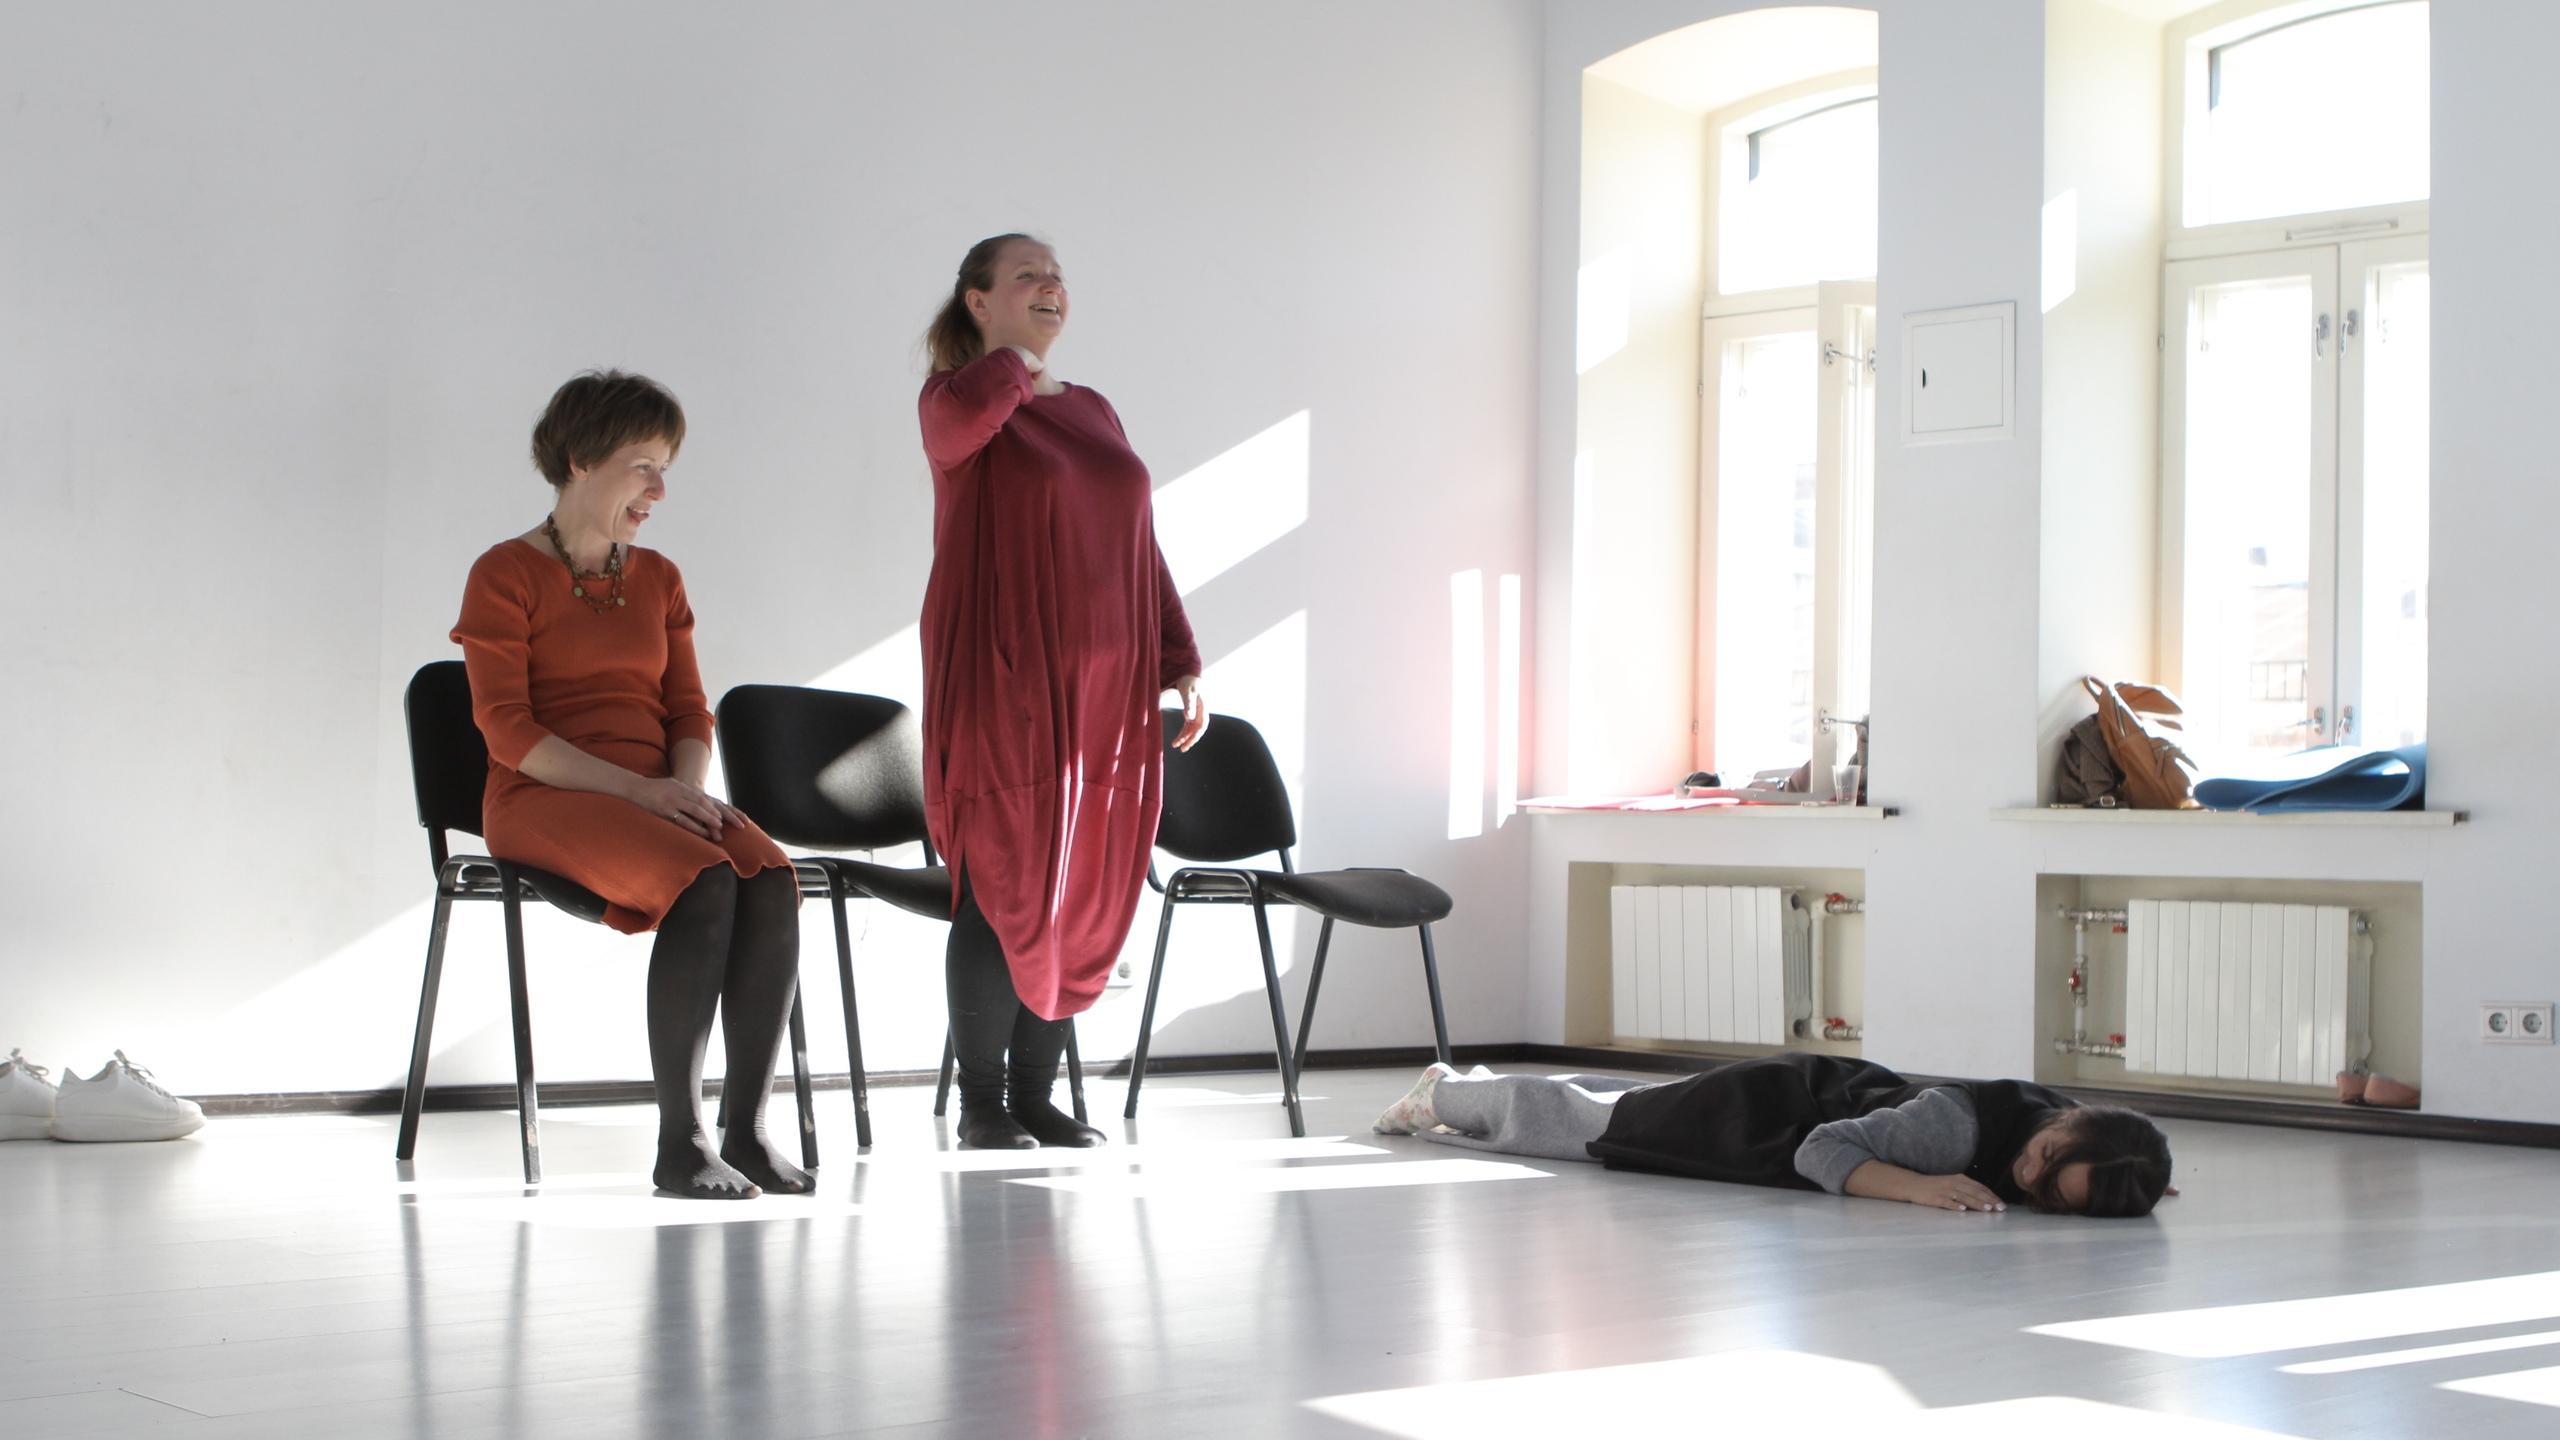 мамтеатр интенсив по работе с голосом отзыв блог Лены Леоновой актерские курсы для мам